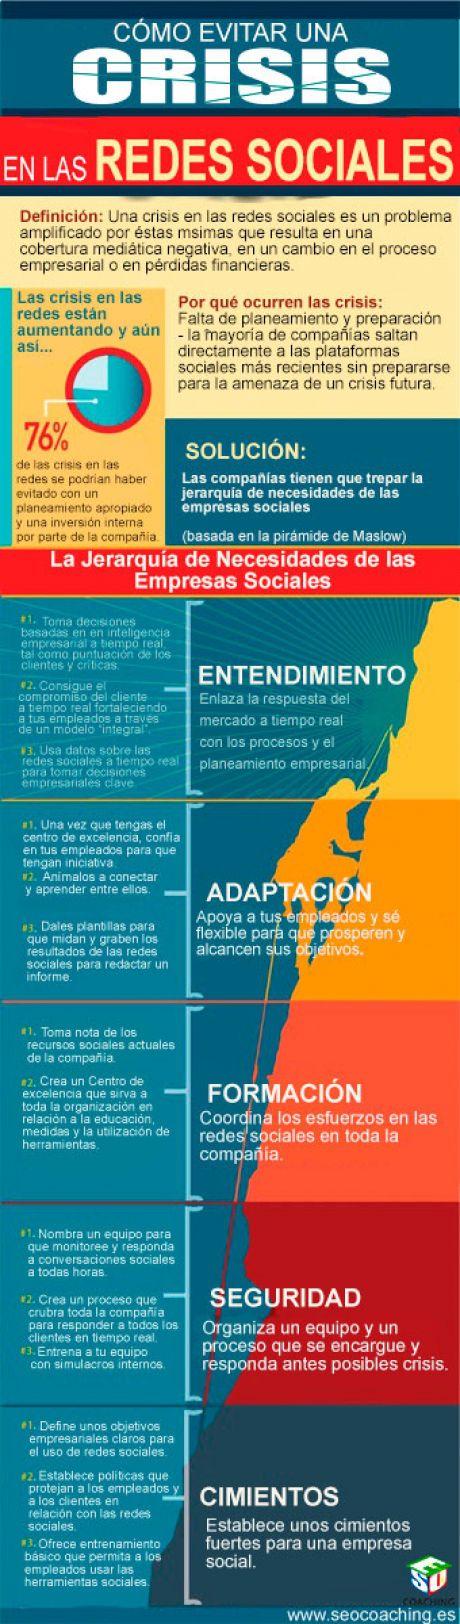 Cómo evitar una crisis en Redes Sociales #infografia